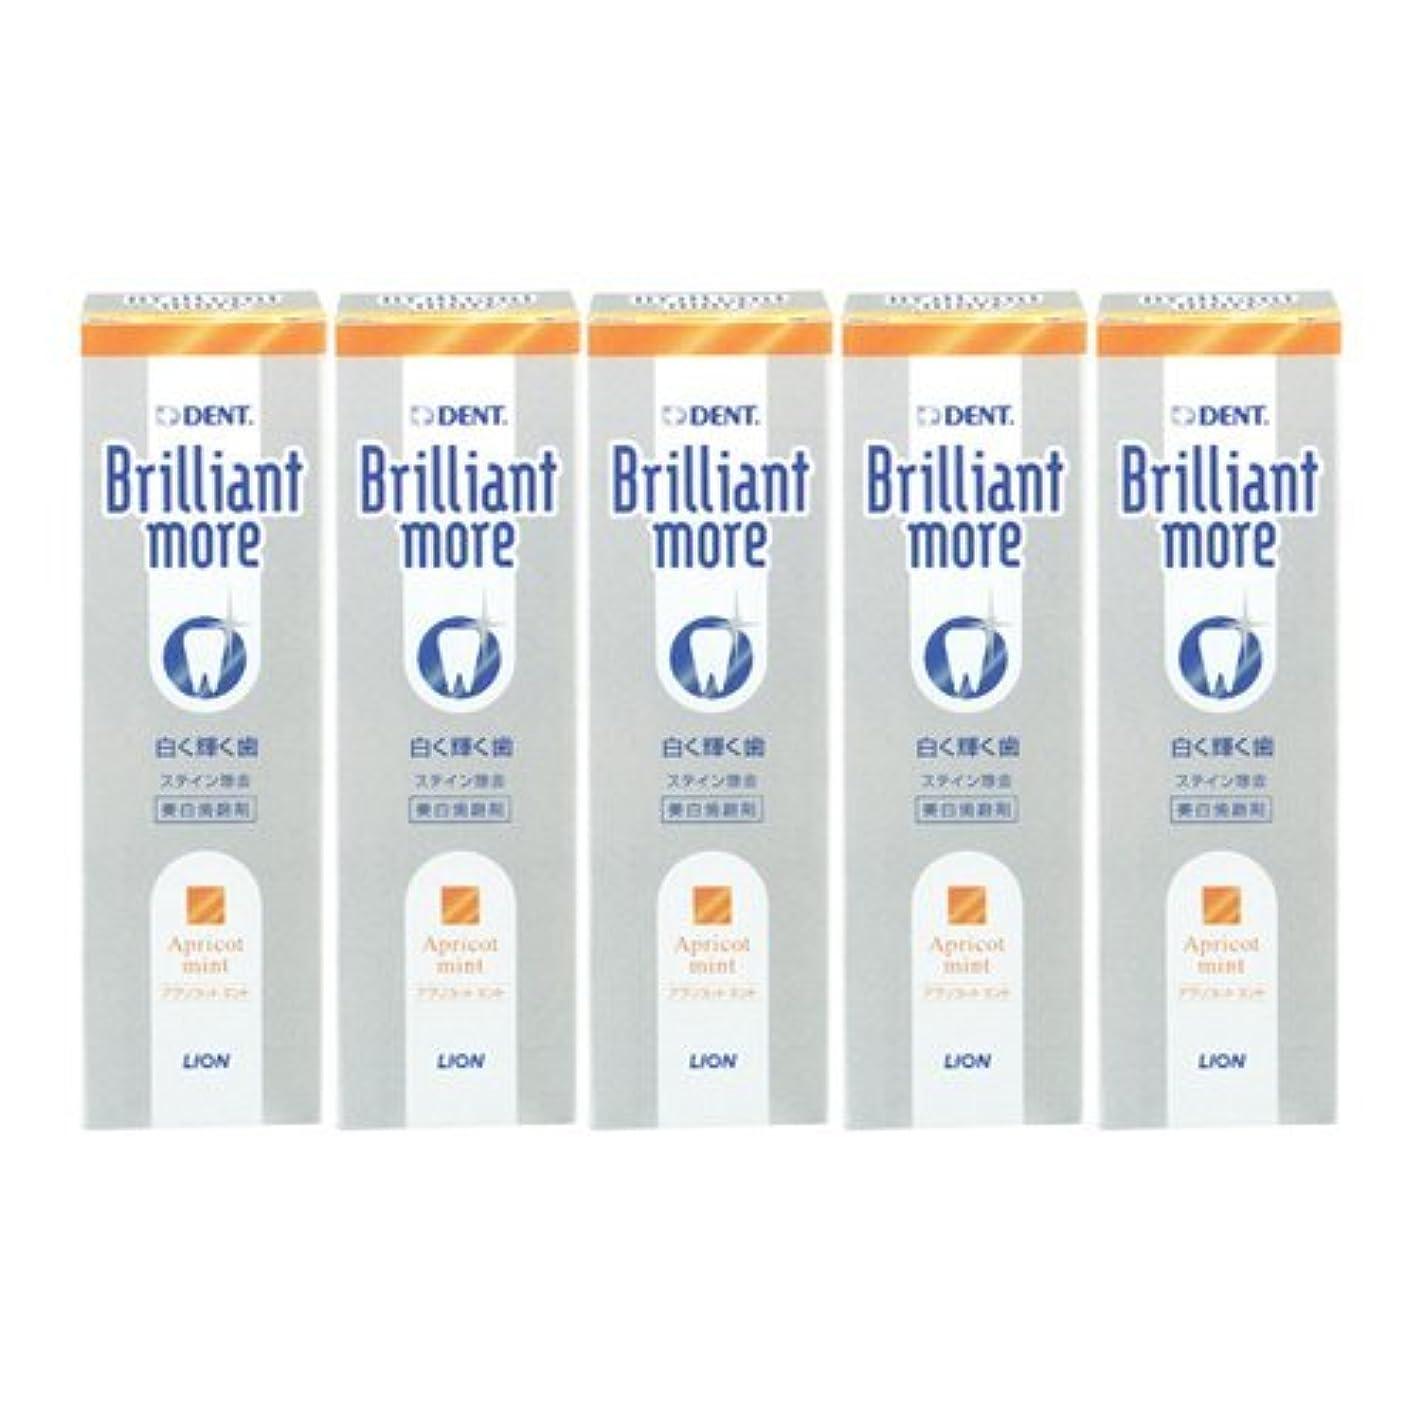 ご予約売上高鷹ライオン ブリリアントモア アプリコットミント 美白歯磨剤 LION Brilliant more 5本セット